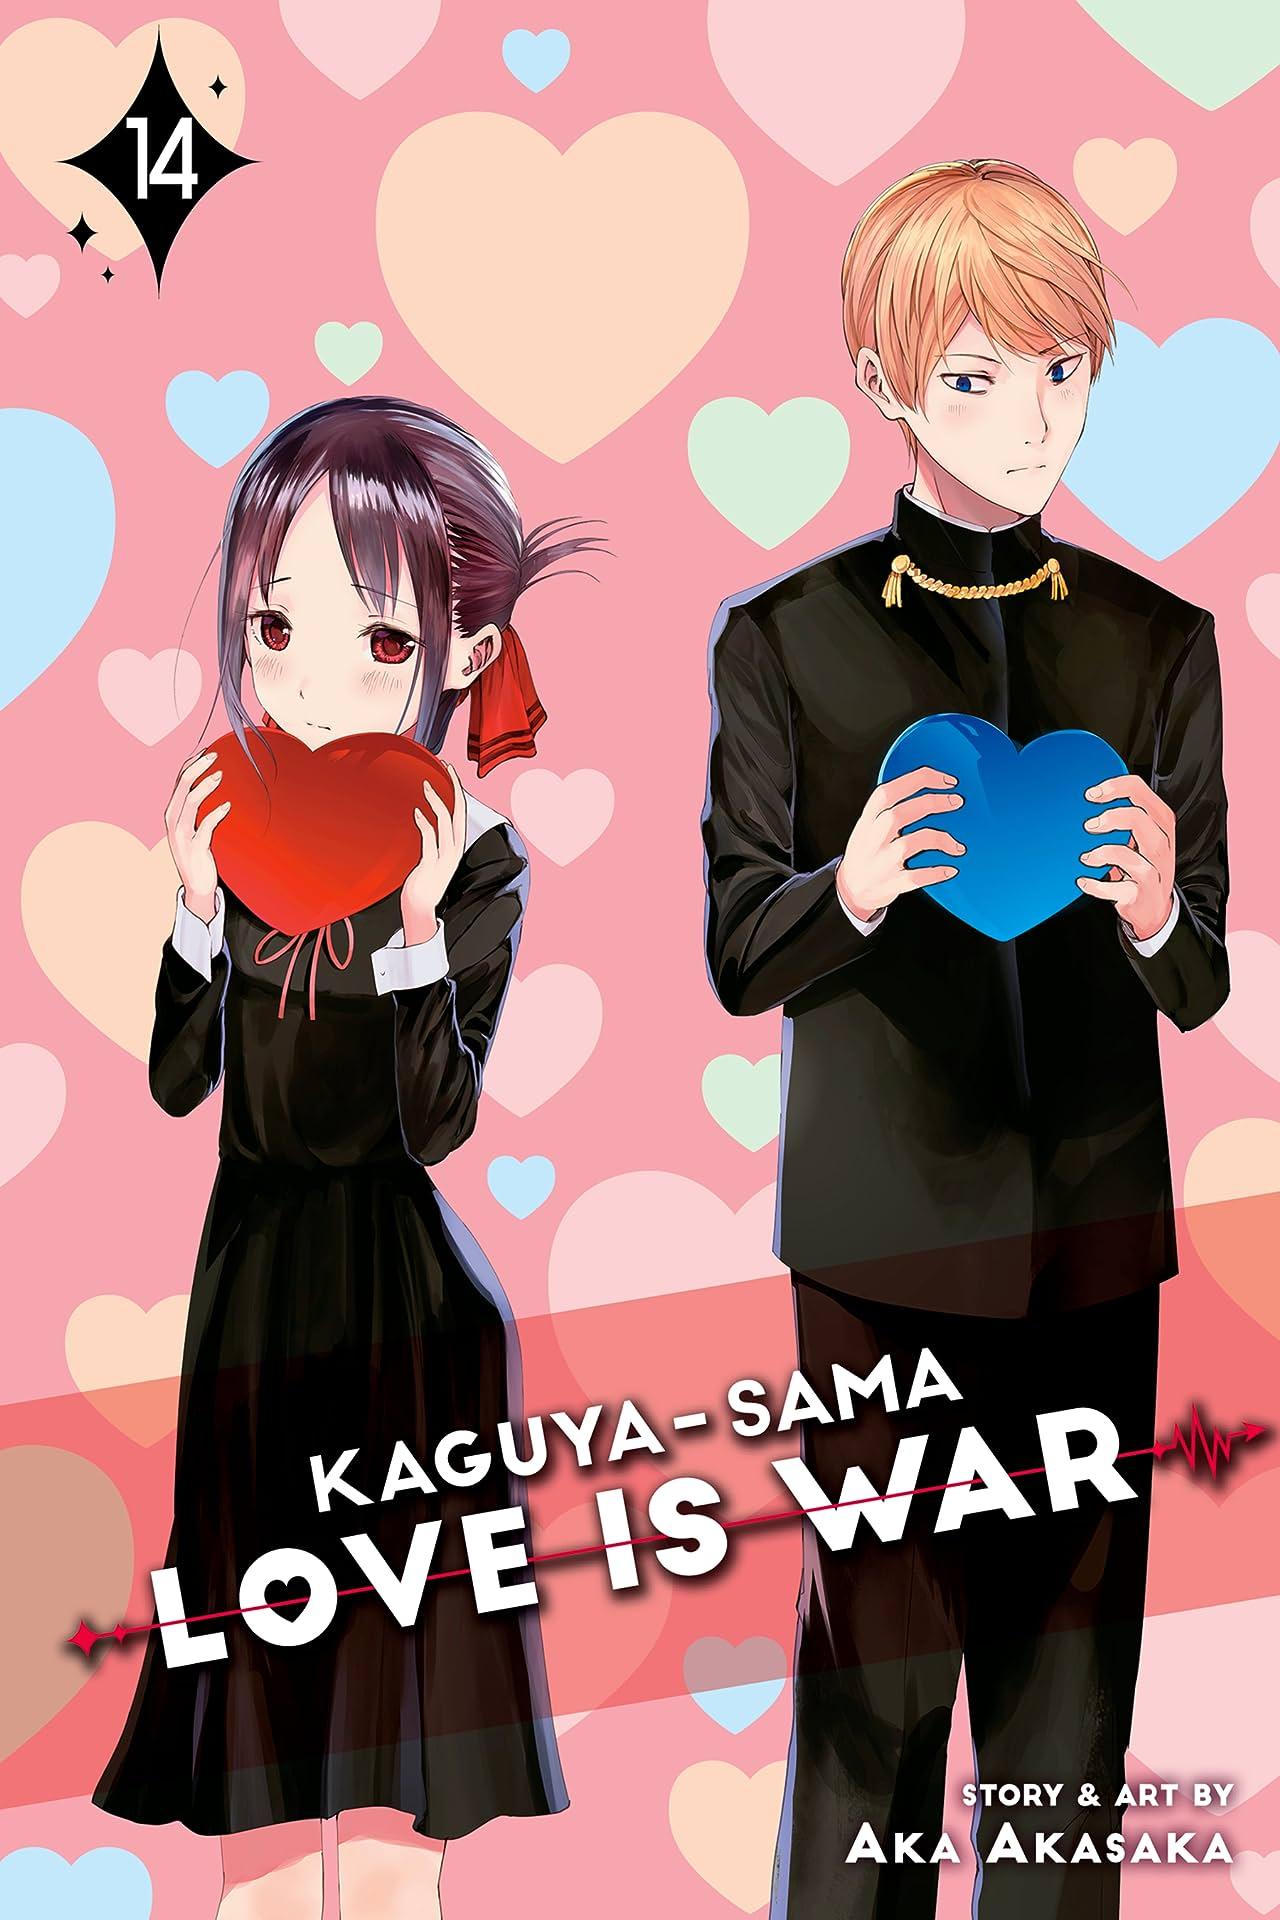 Kaguya-sama: Love Is War Vol. 14